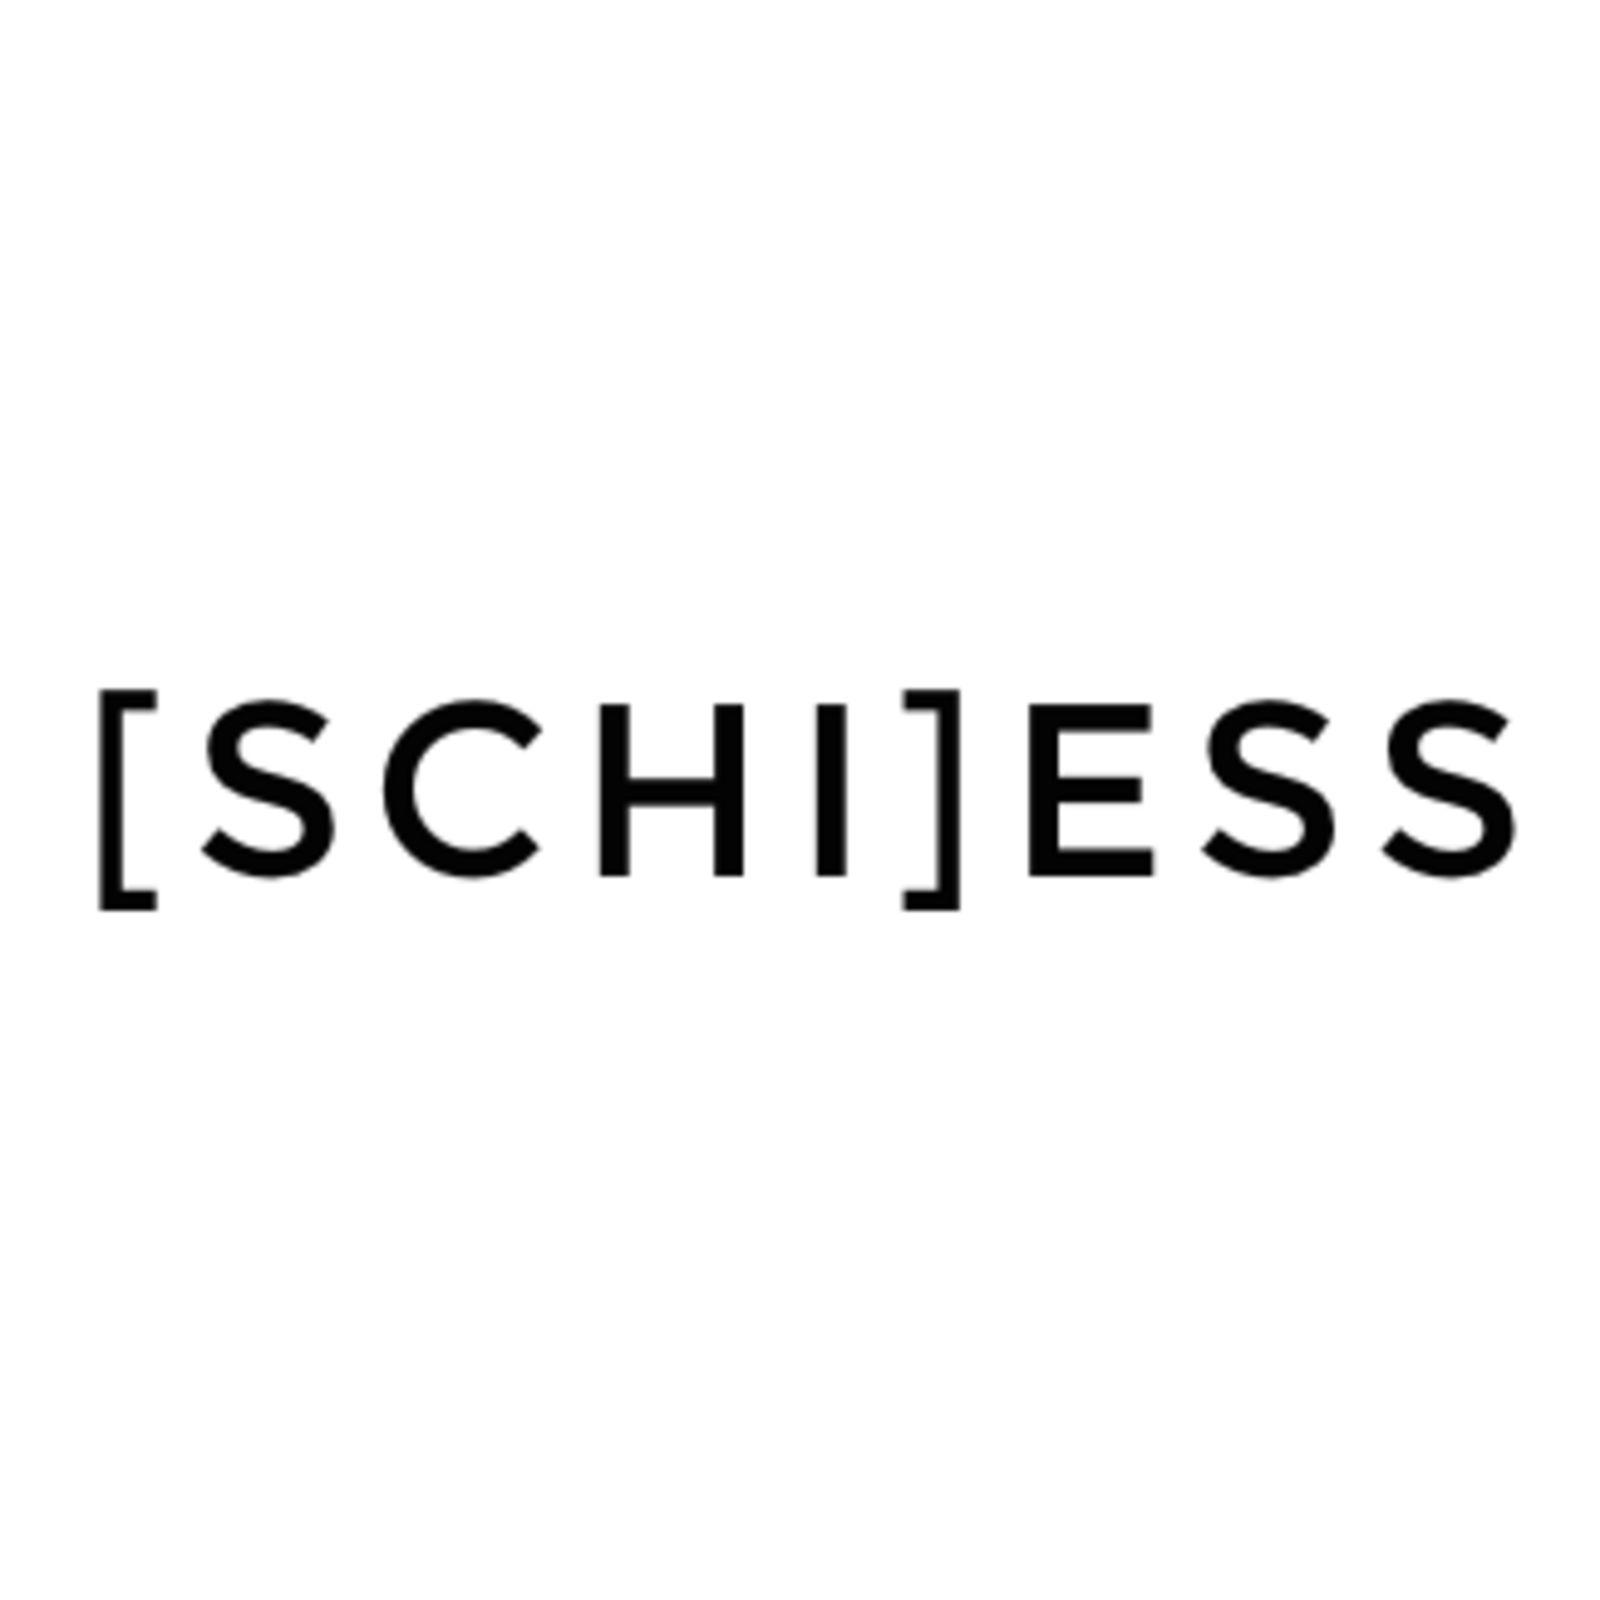 SCHIESS (Bild 1)